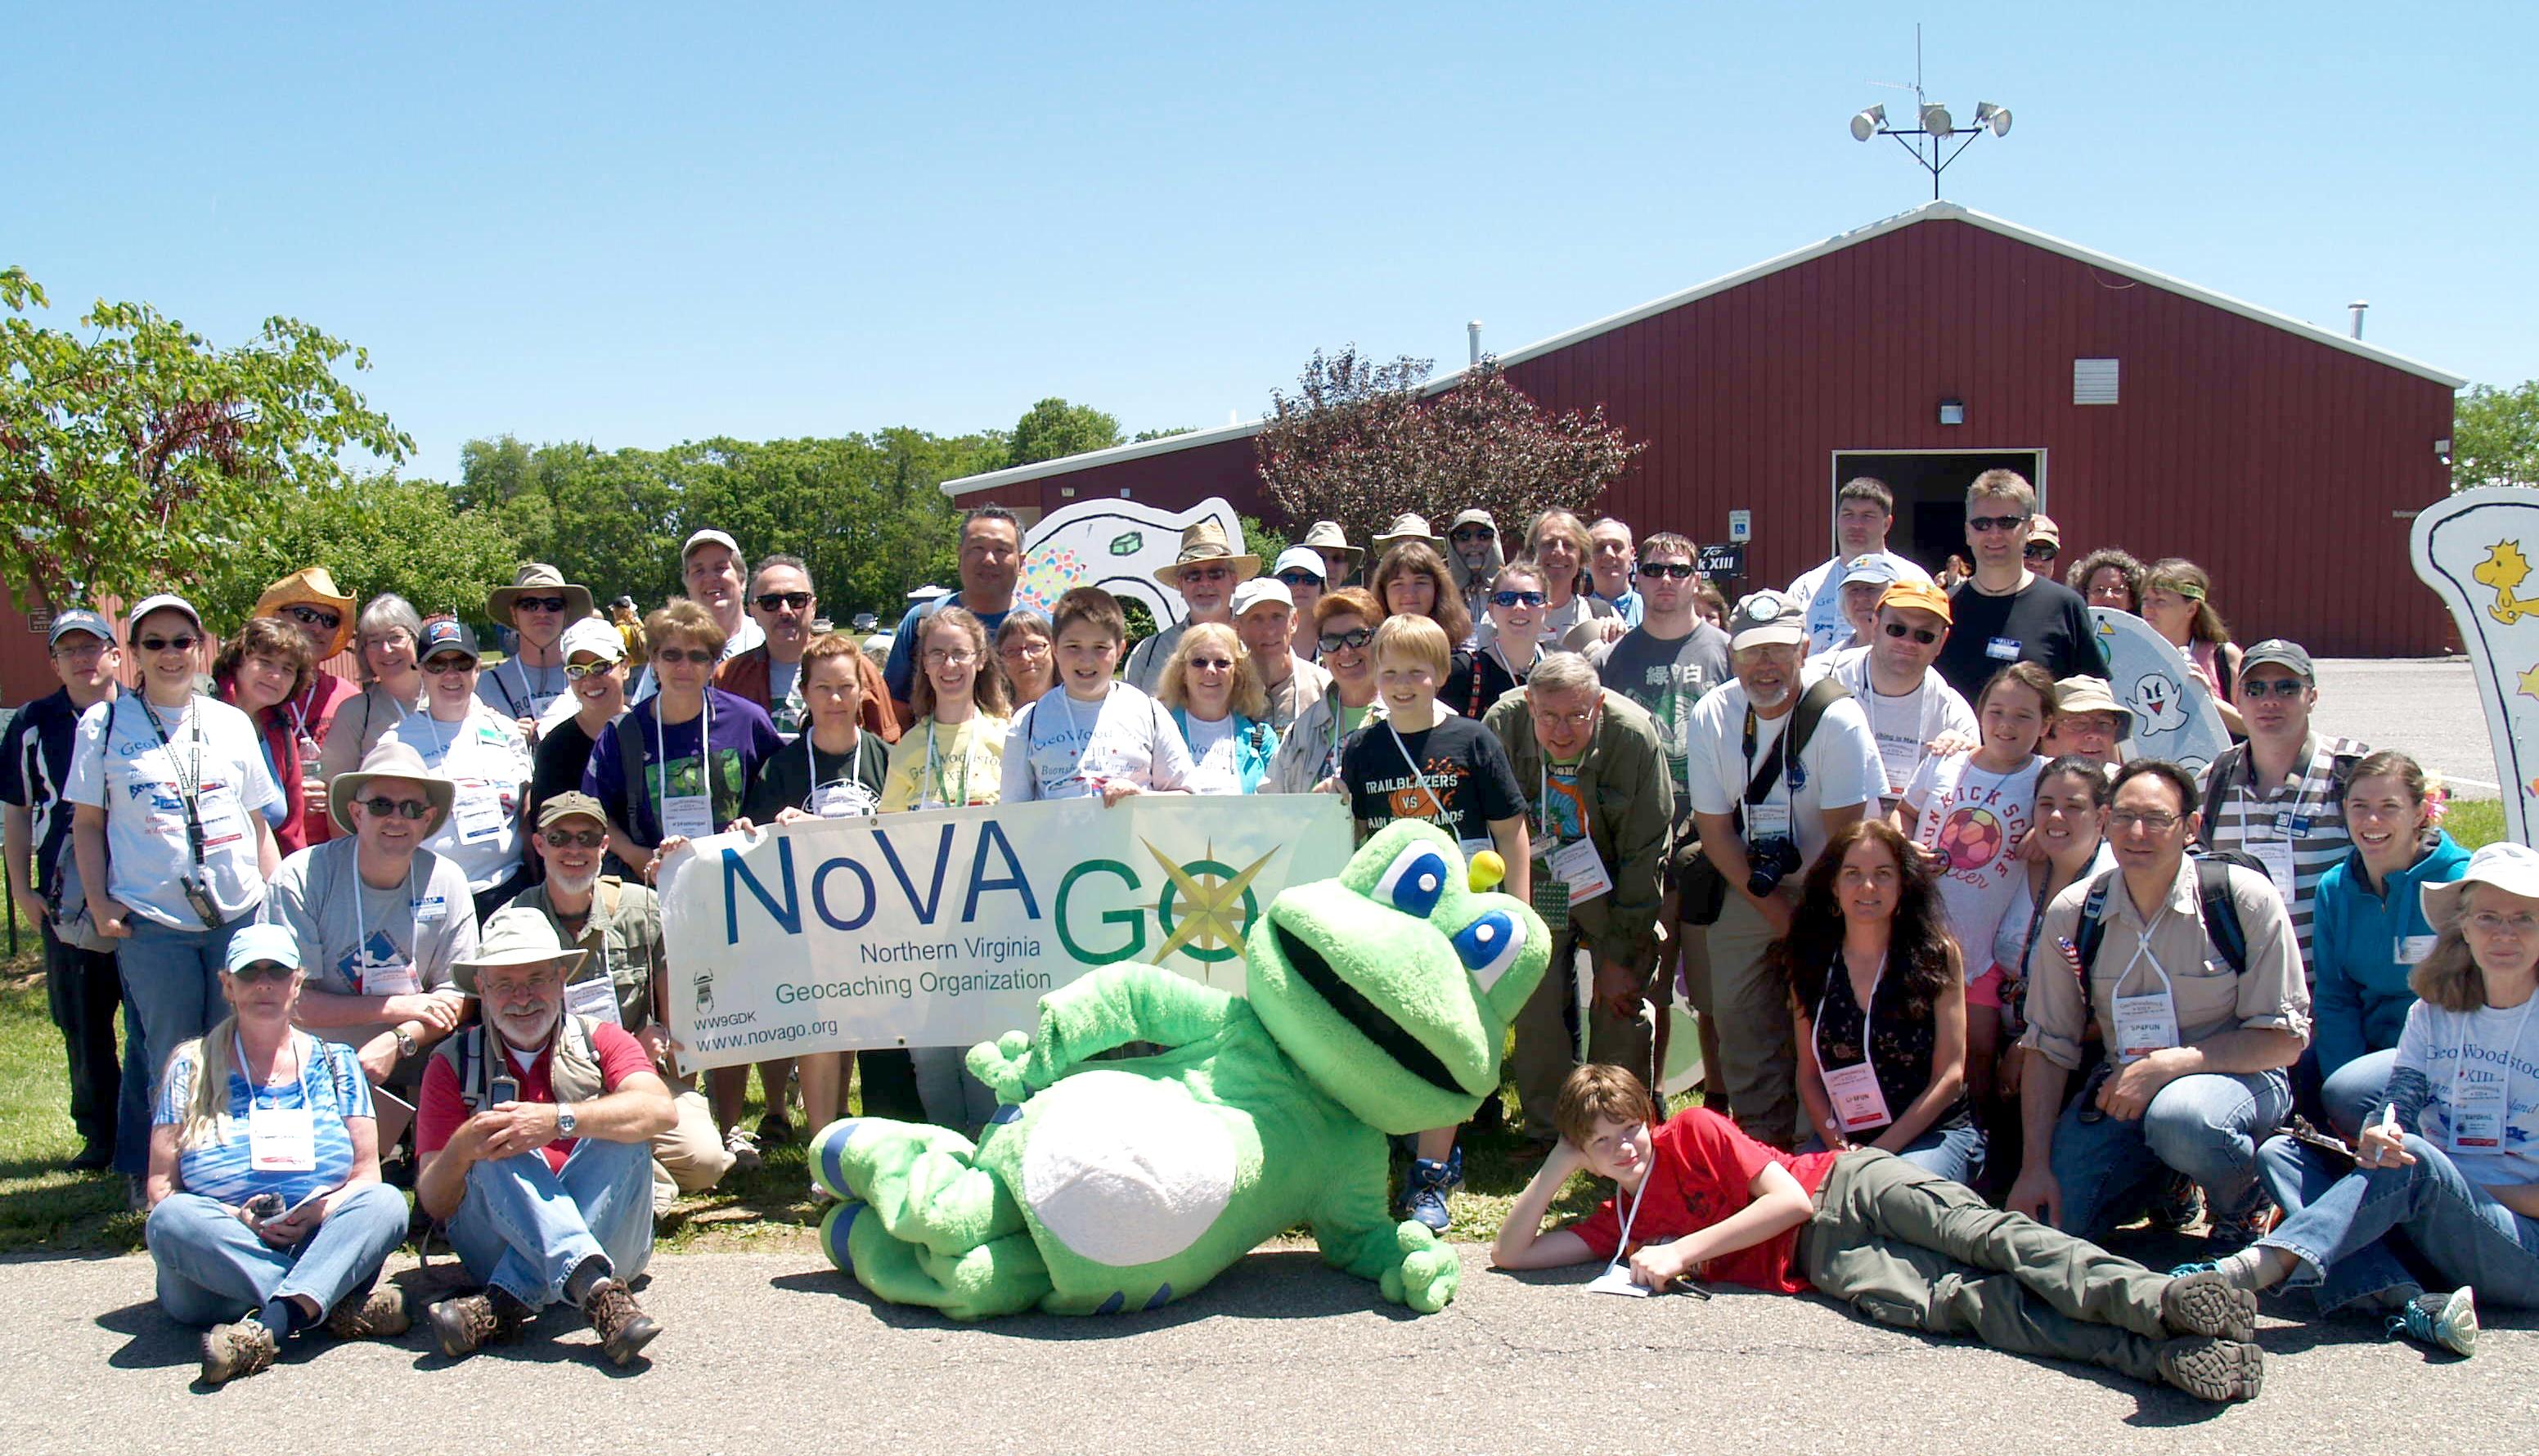 NoVAGO at GW XIII